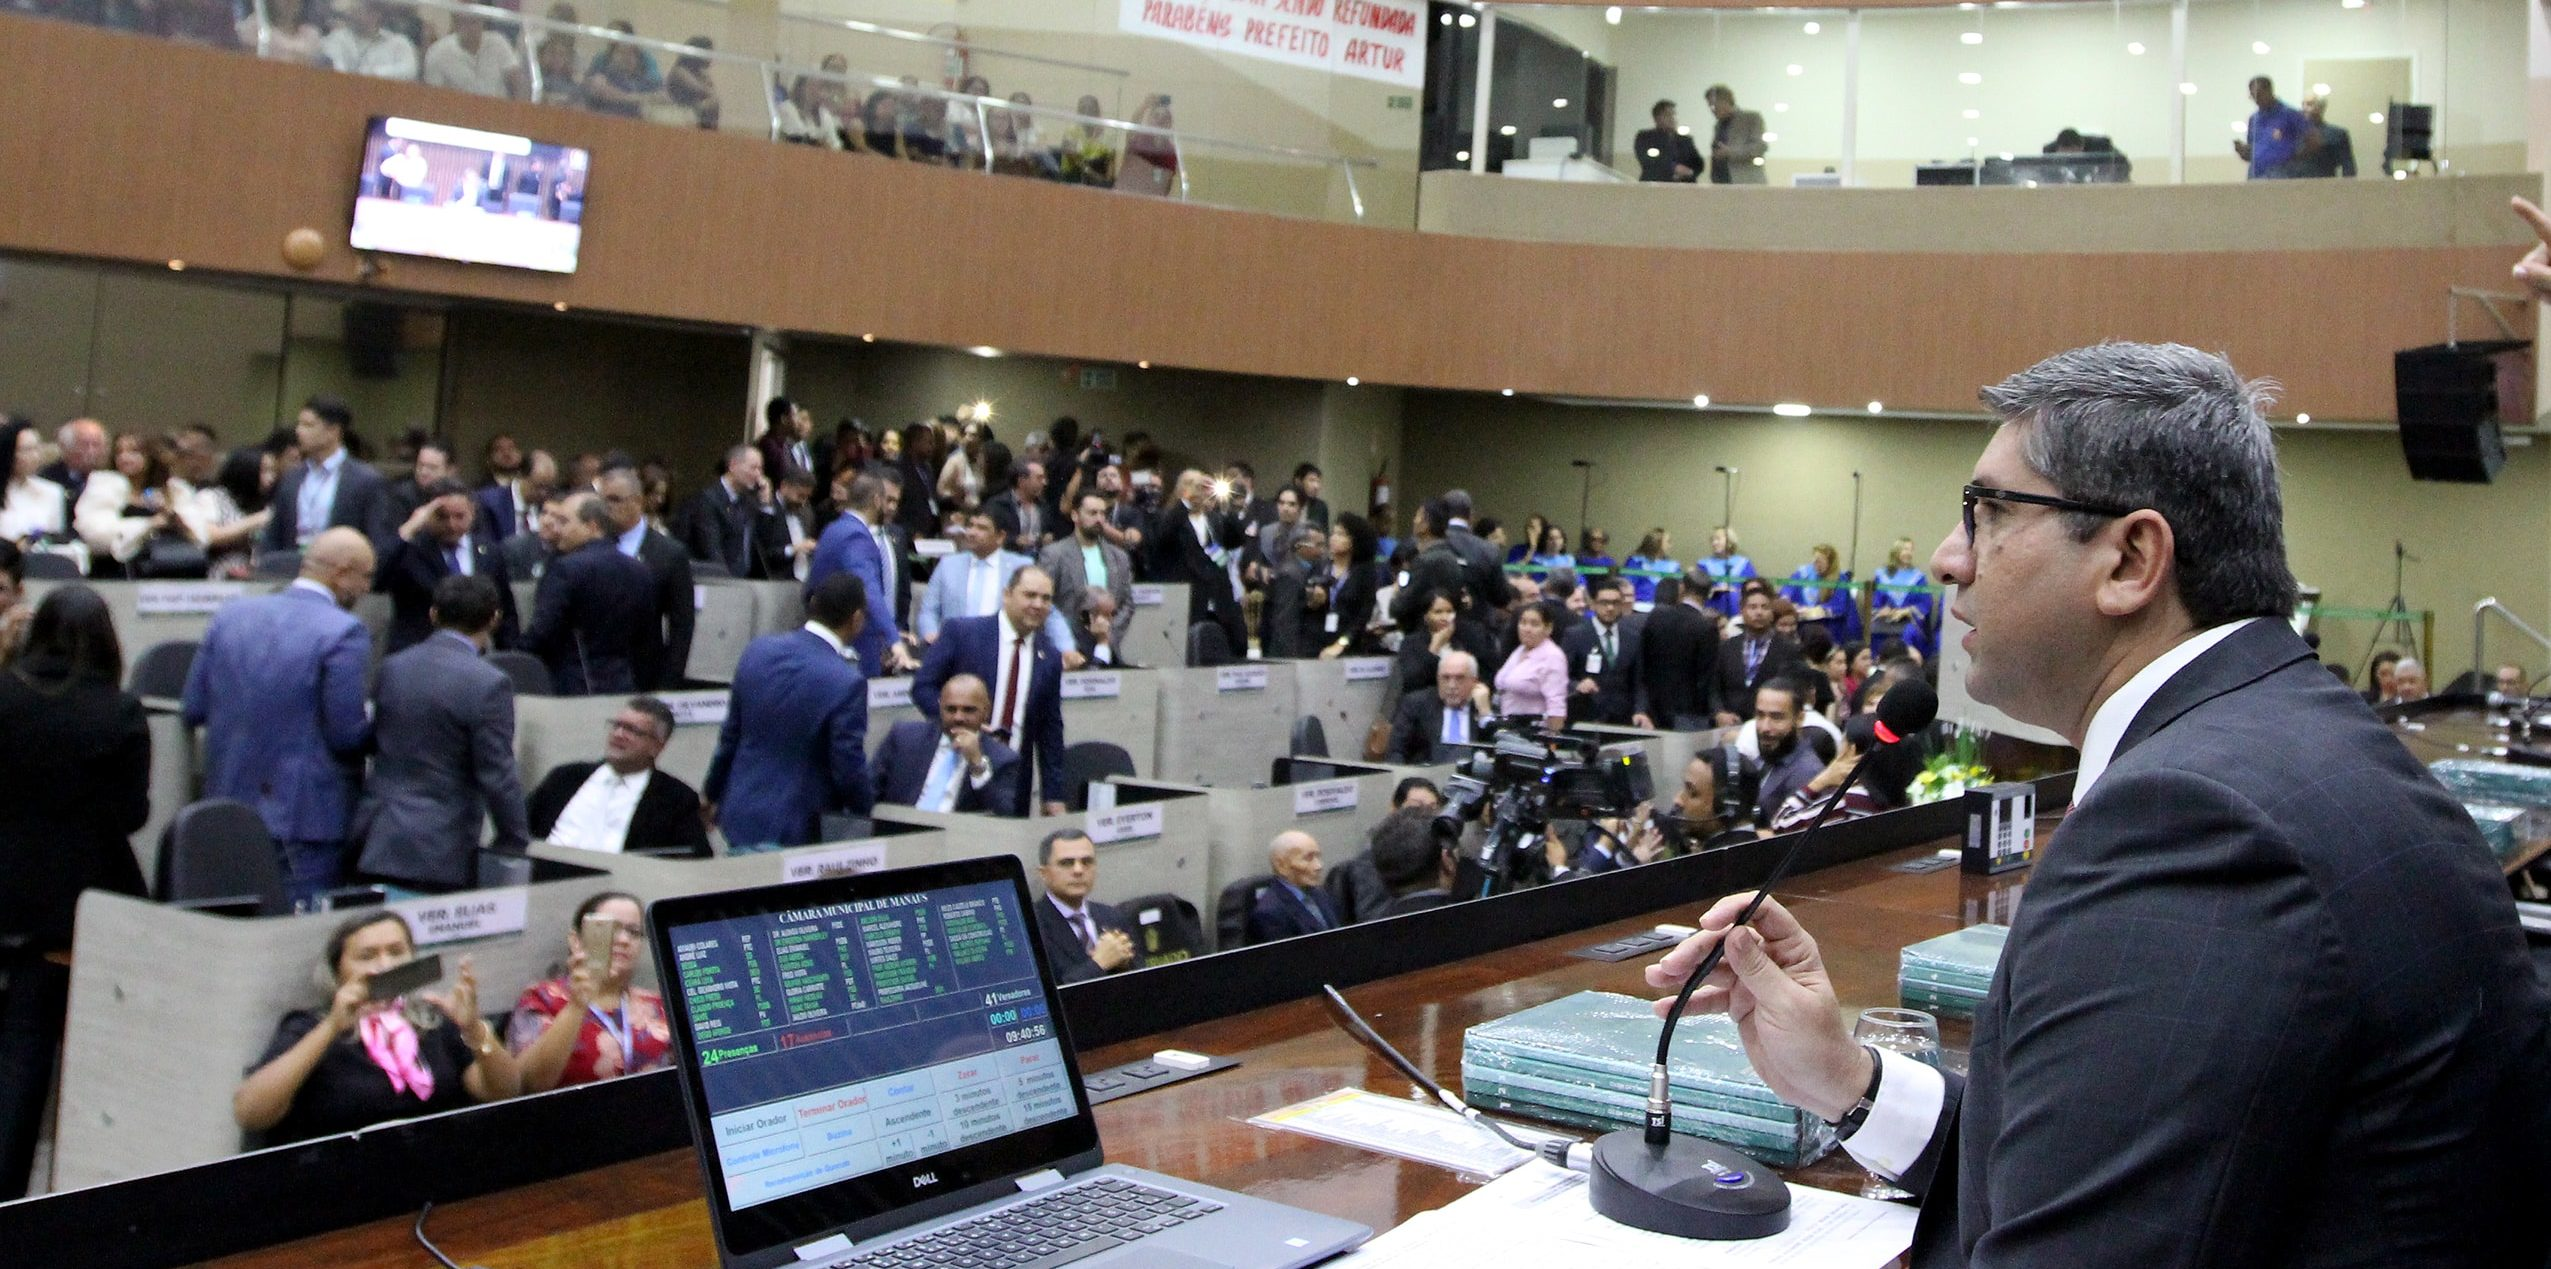 Câmara de Vereadores transmitirá sessões em rede nacional